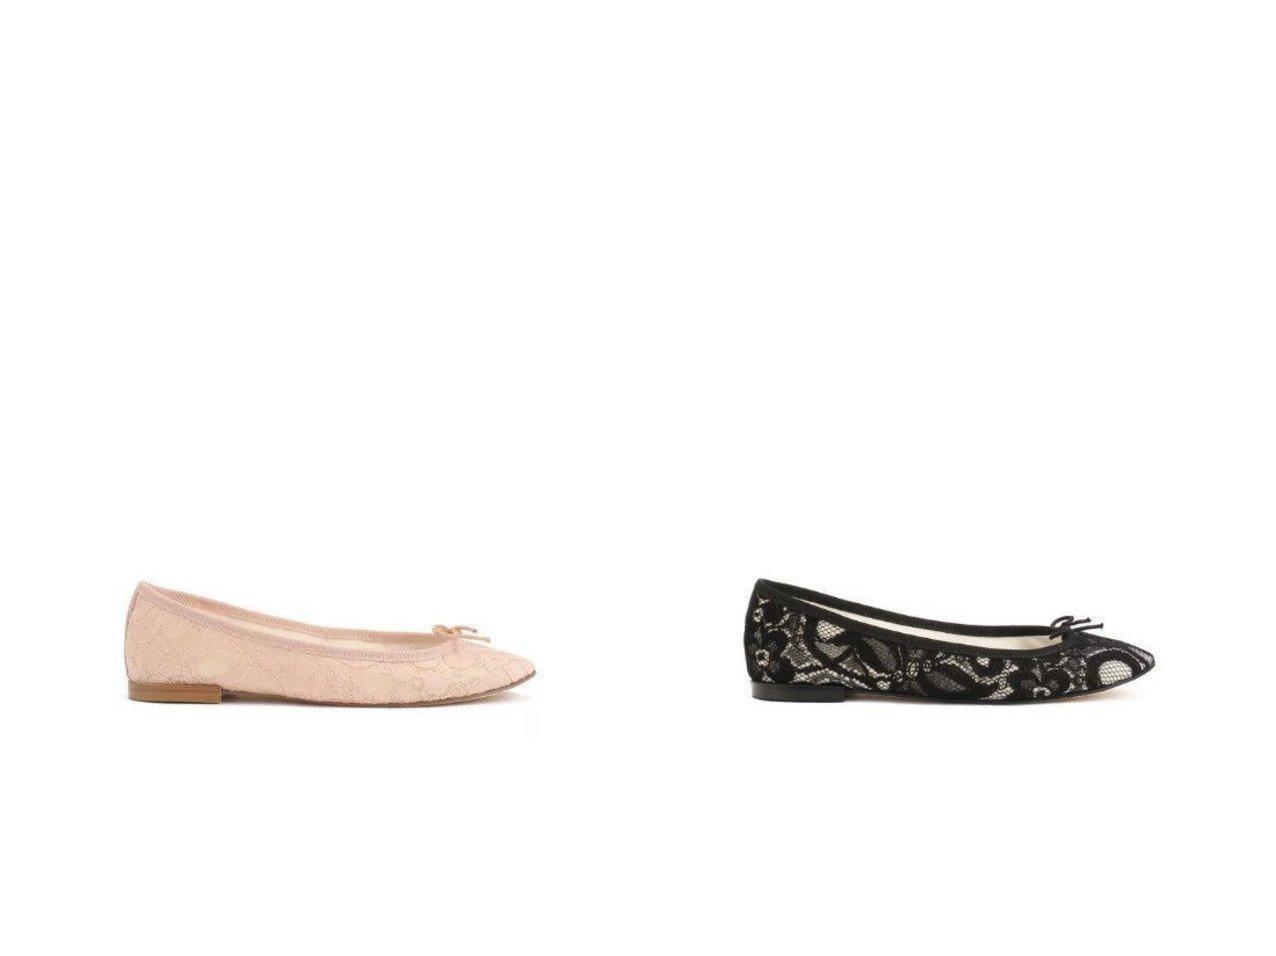 【repetto/レペット】のCendrillon Ballerinas&Cendrillon Ballerinas 【シューズ・靴】おすすめ!人気、トレンド・レディースファッションの通販 おすすめで人気の流行・トレンド、ファッションの通販商品 メンズファッション・キッズファッション・インテリア・家具・レディースファッション・服の通販 founy(ファニー) https://founy.com/ ファッション Fashion レディースファッション WOMEN エレガント クラシック シューズ バレエ フォルム フラット リボン レース  ID:crp329100000030403